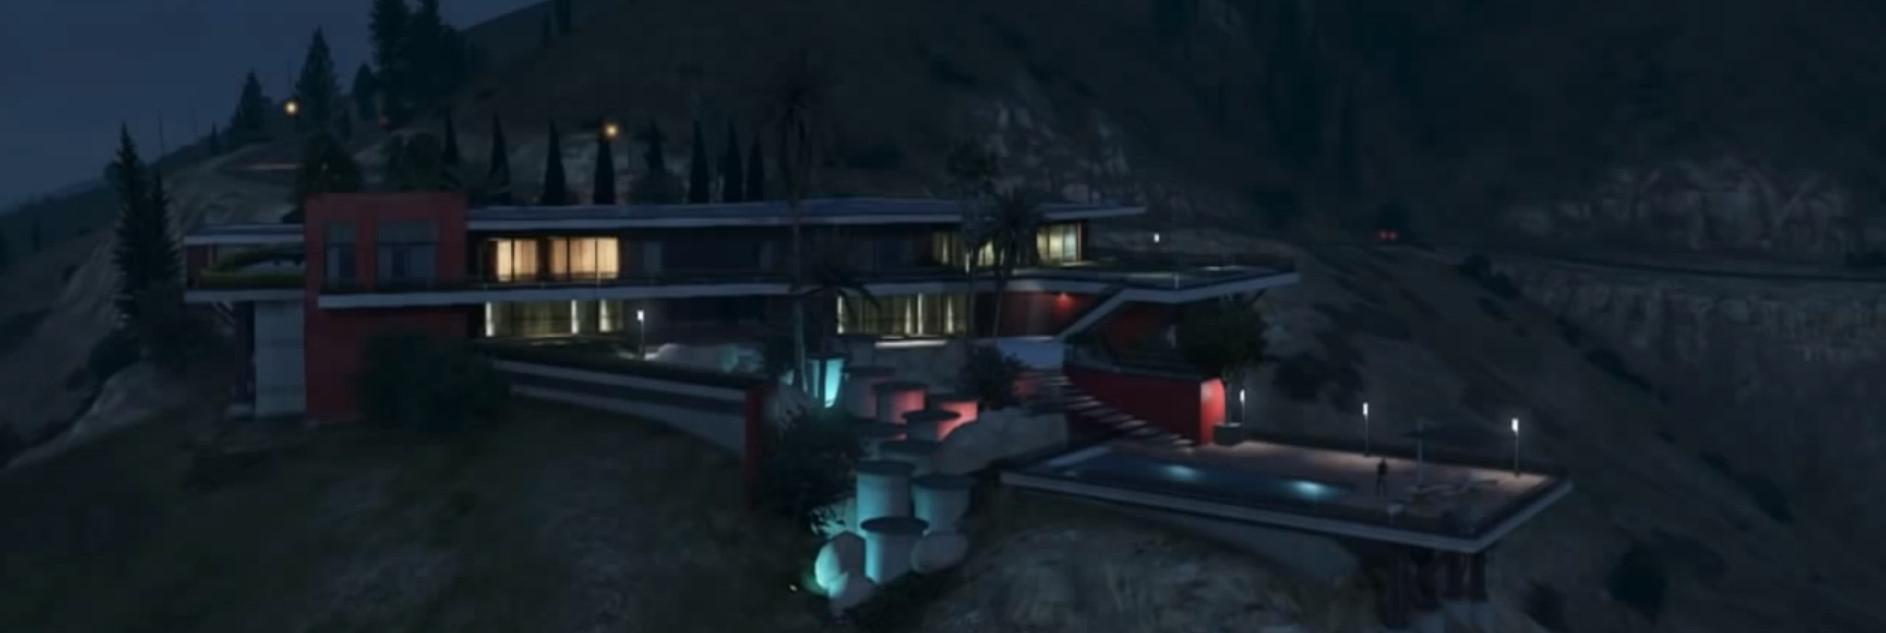 GTA5westonhouse.jpg